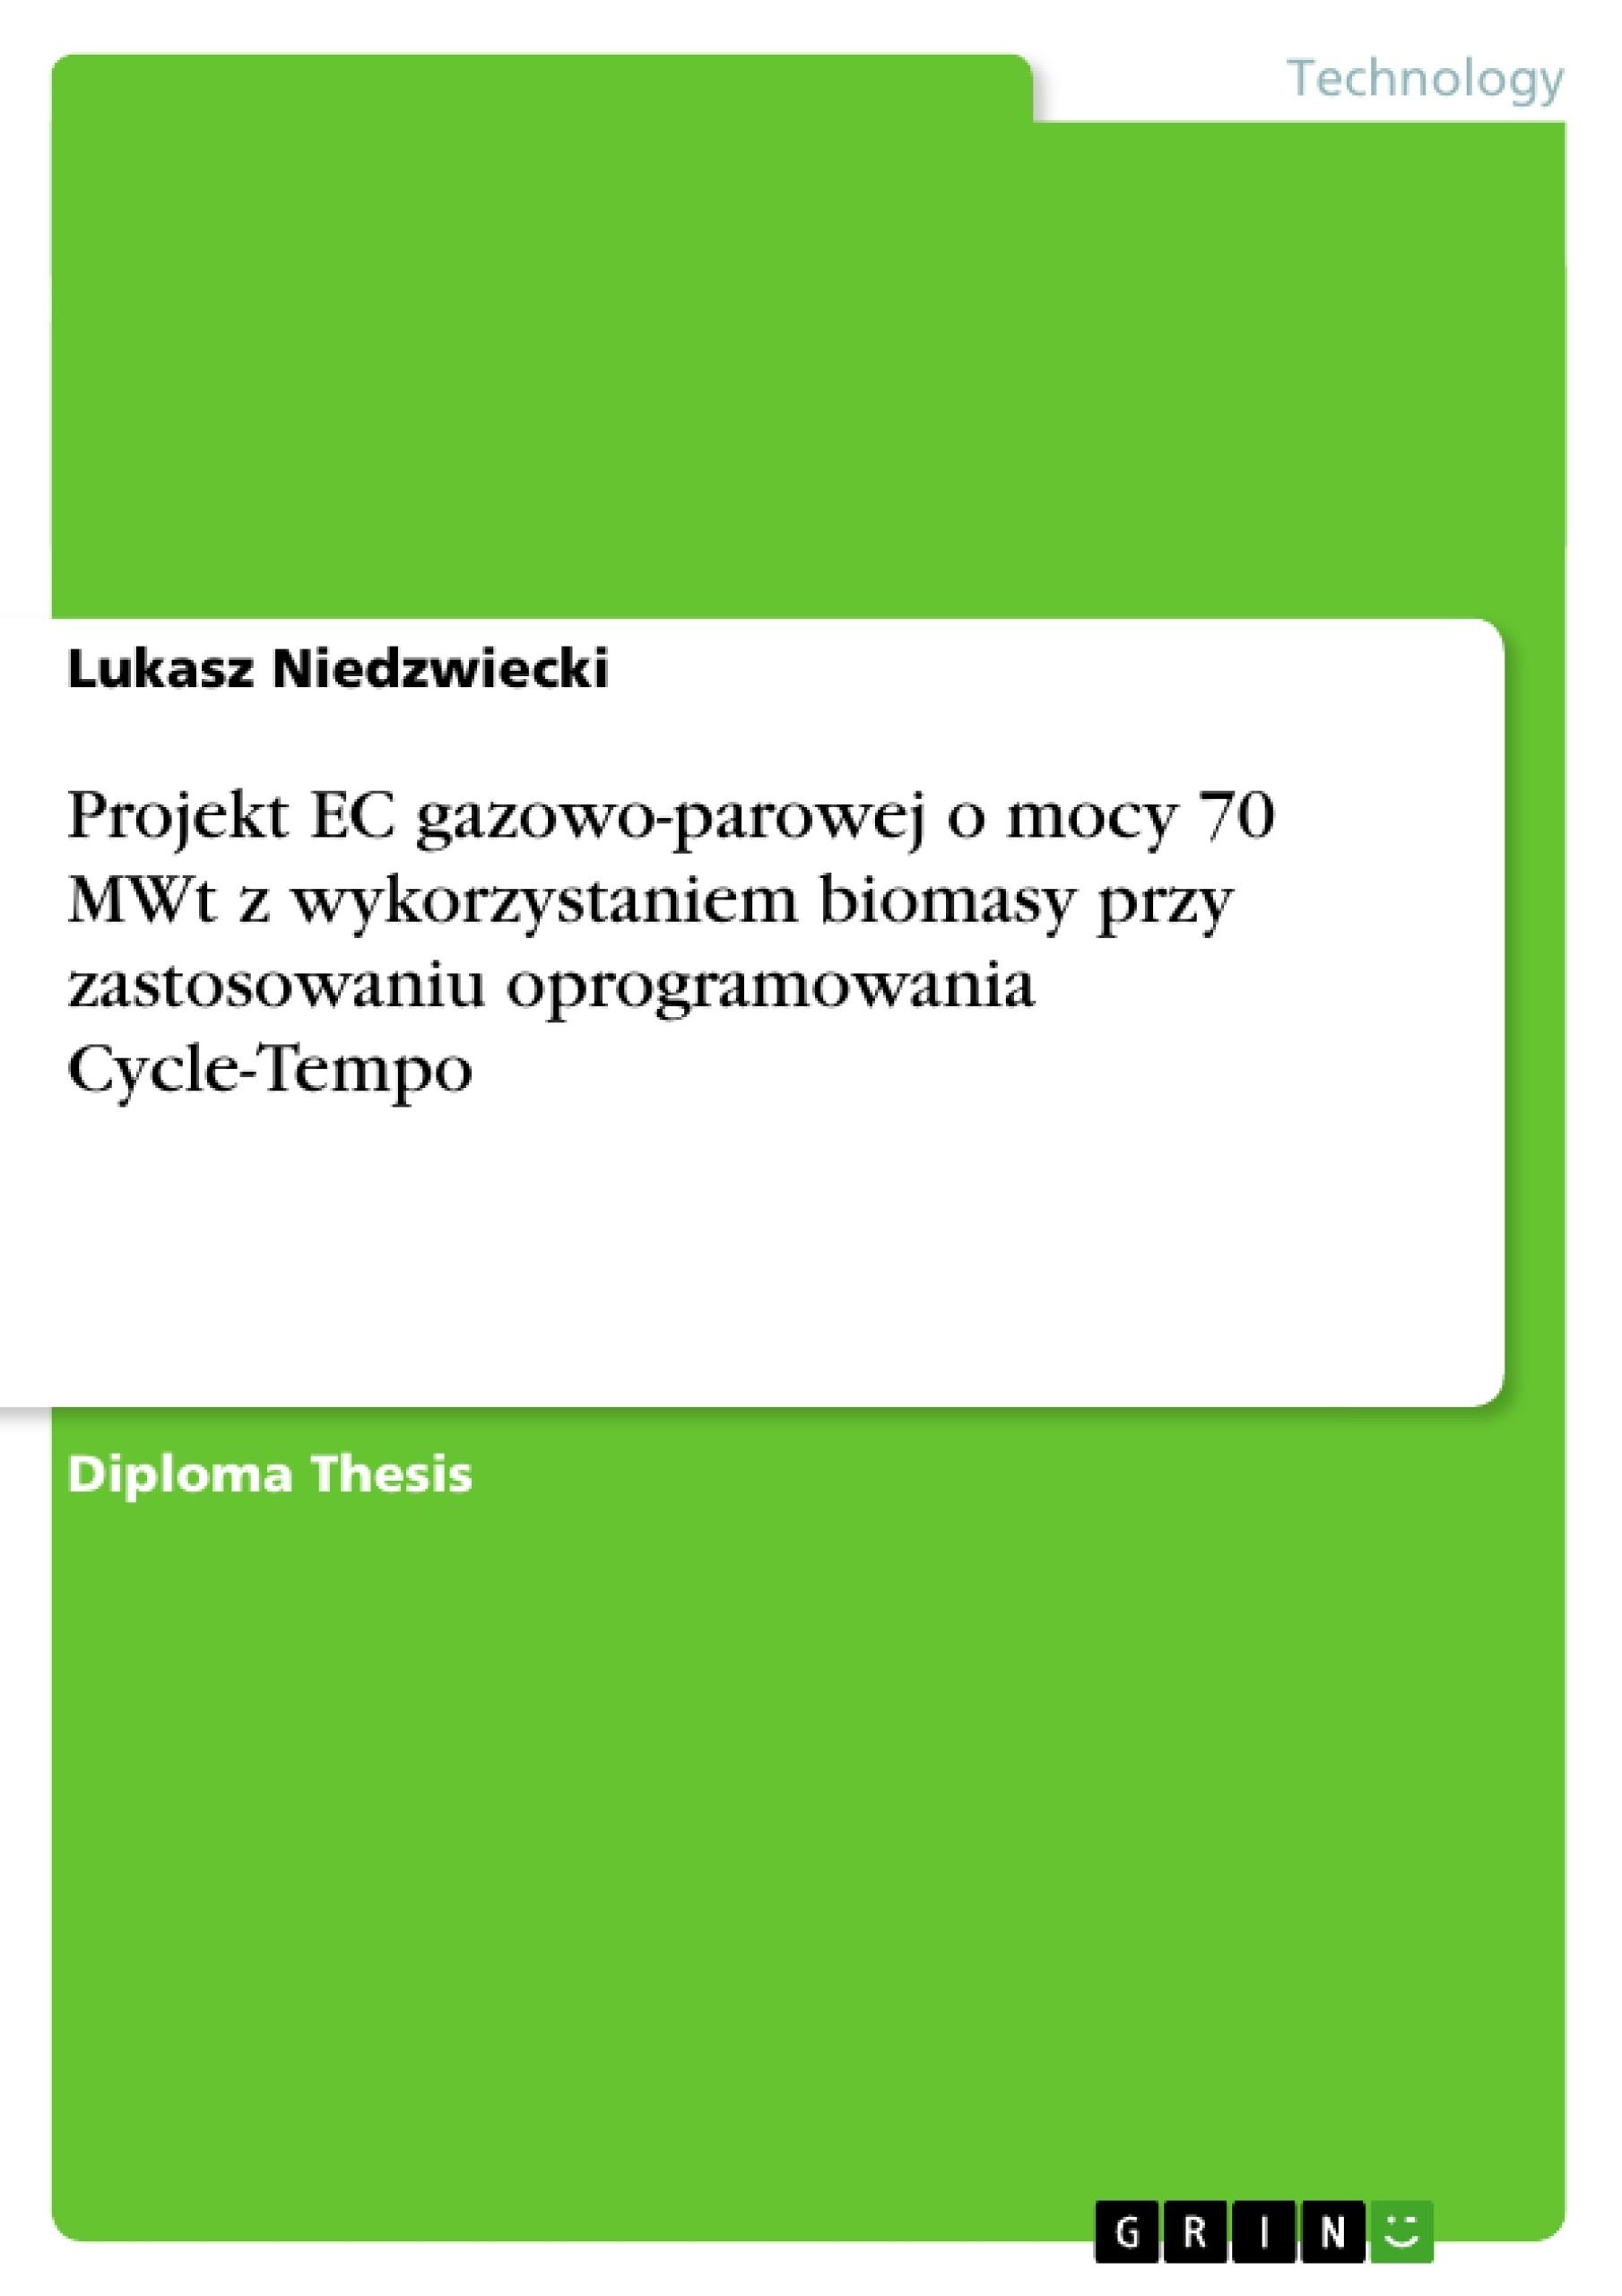 Title: Projekt EC gazowo-parowej o mocy 70 MWt z wykorzystaniem biomasy przy zastosowaniu oprogramowania Cycle-Tempo